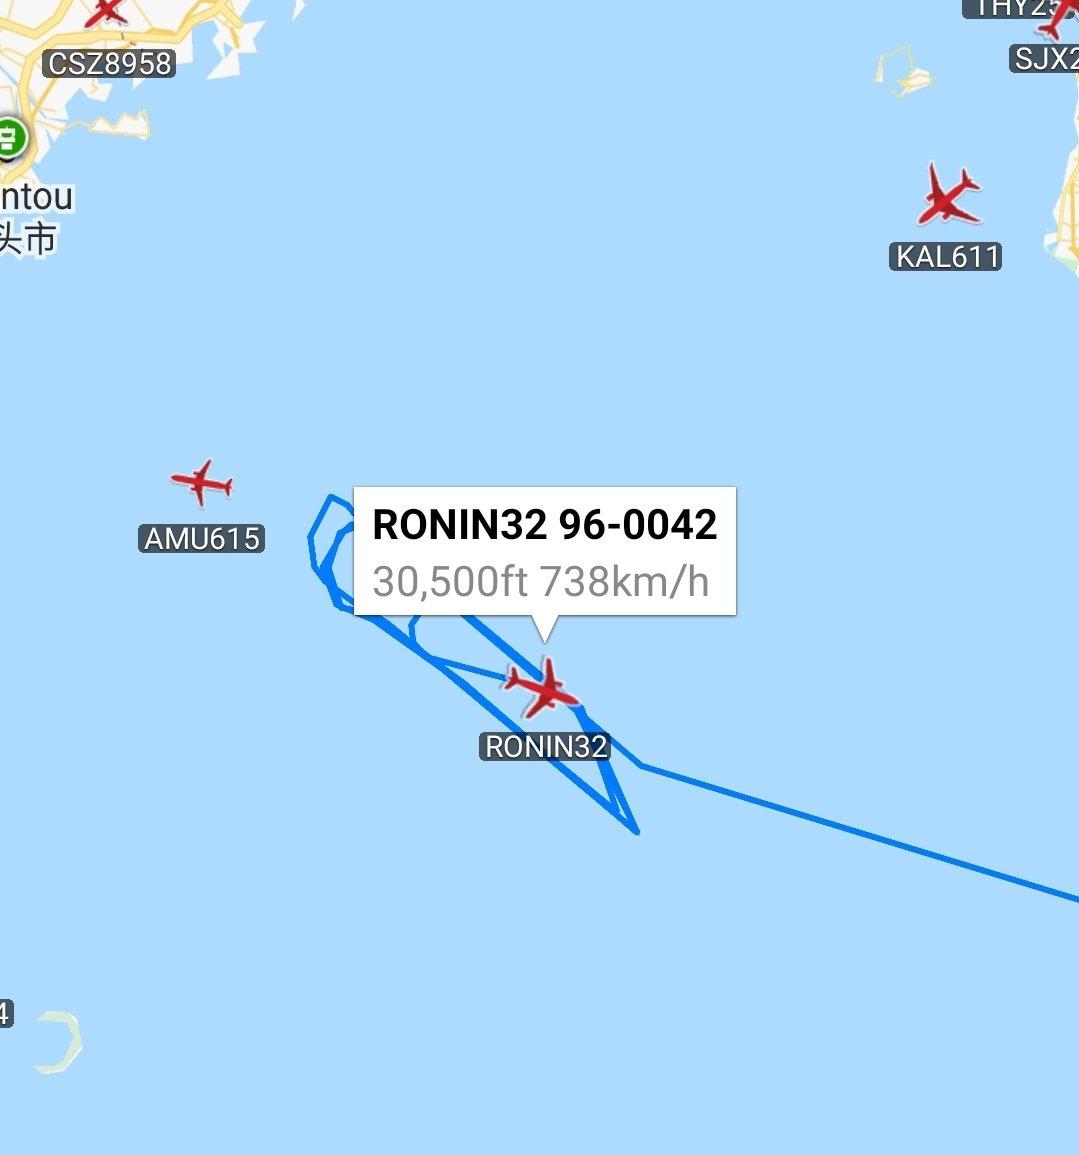 赢咖3平台:美侦察机伪装民航抵近中国海岸?真相是……(图2)